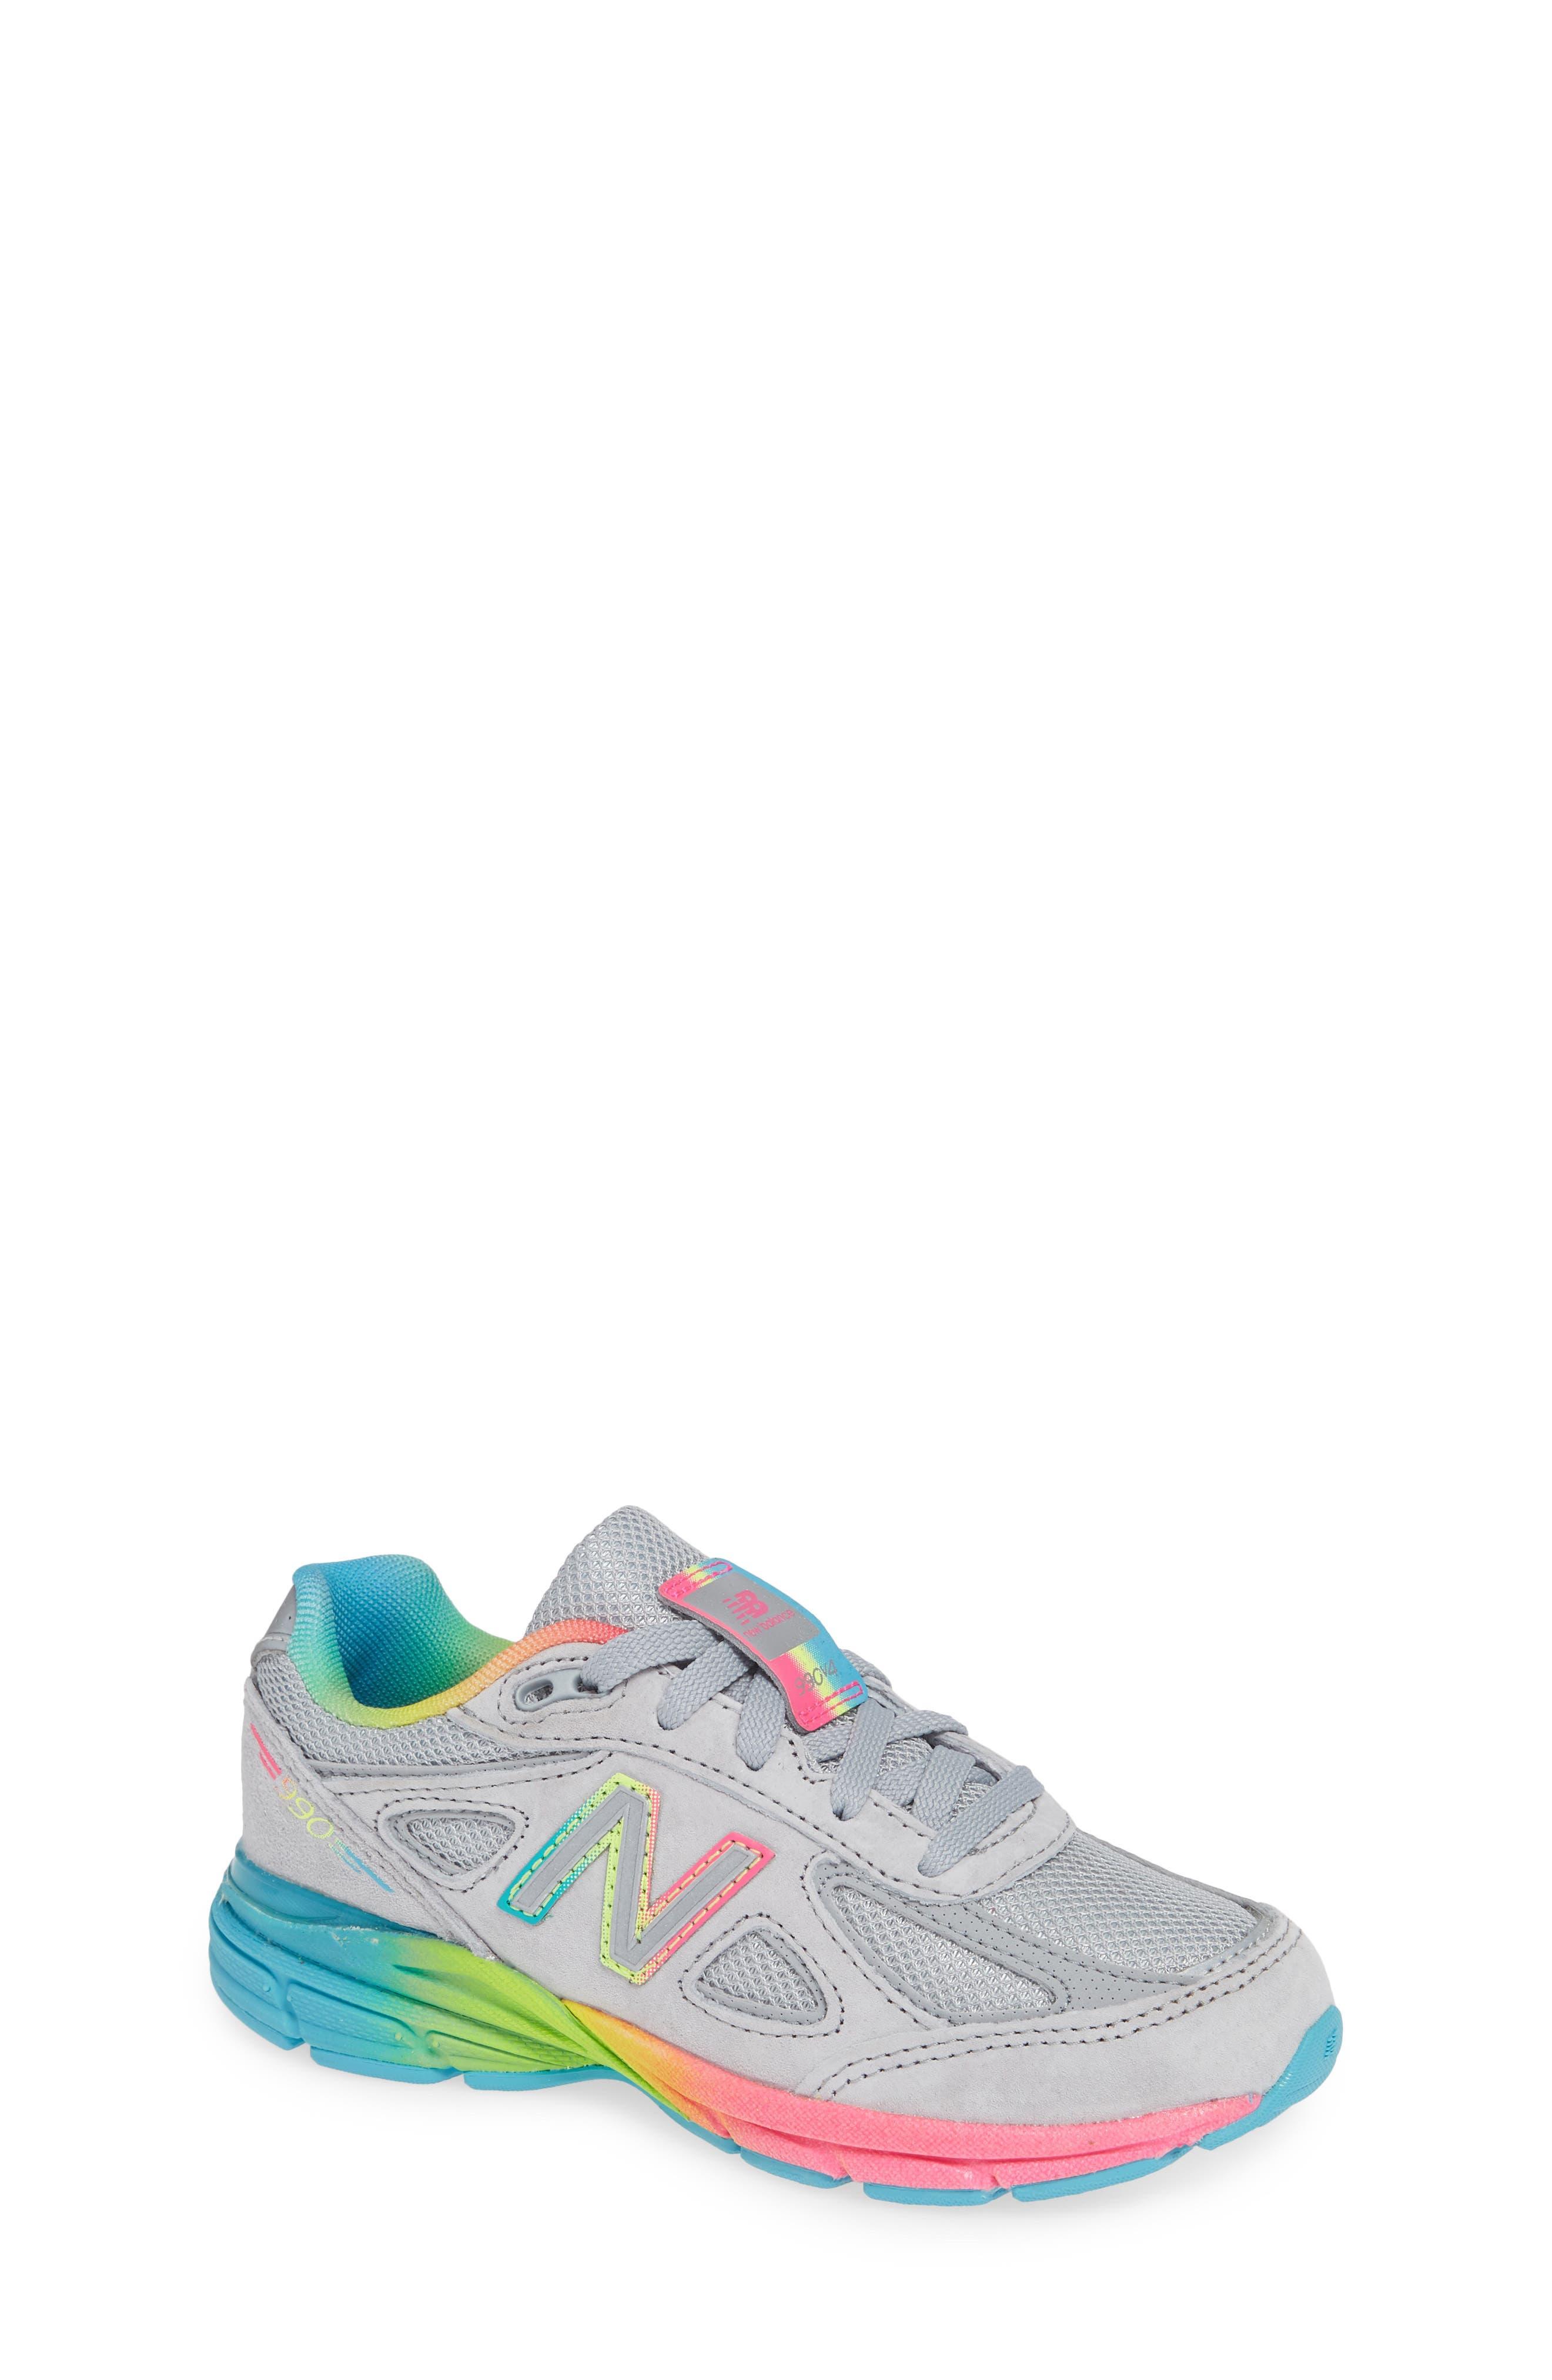 990v4 Sneaker,                         Main,                         color, ATHLETIC GREY/ MULTI